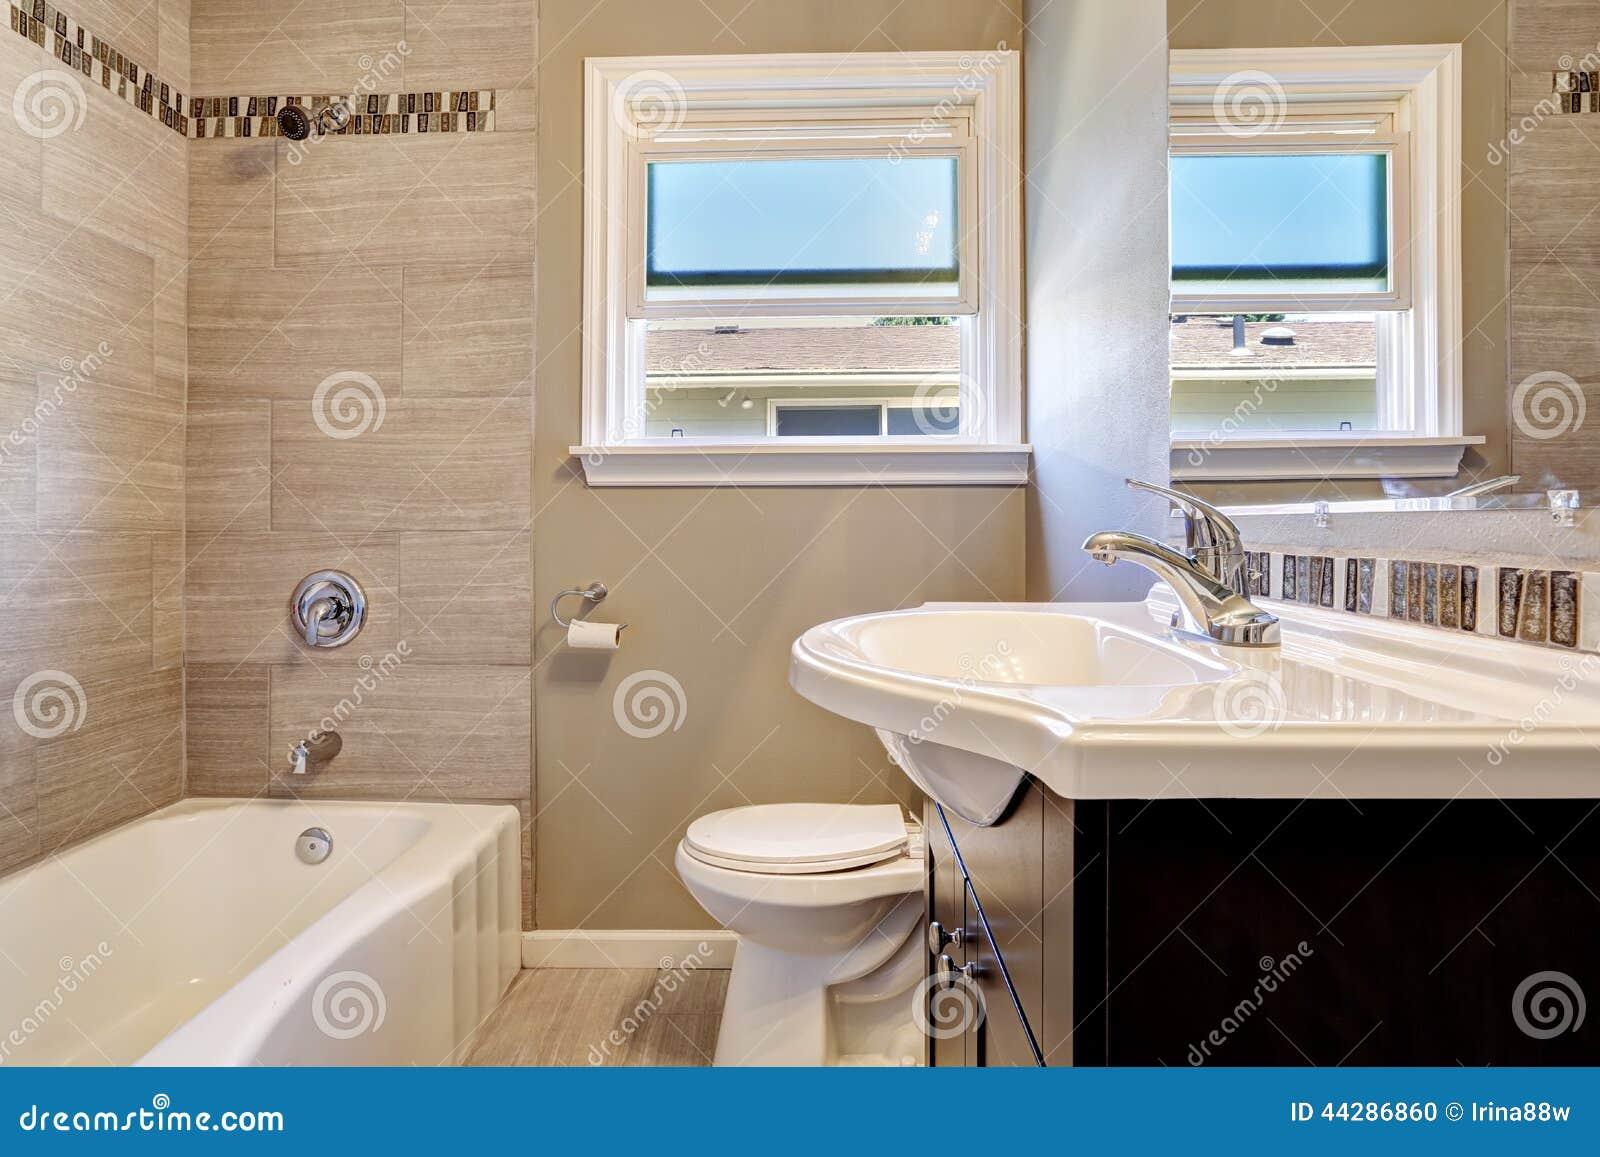 Int rieur vide de salle de bains avec l 39 quilibre de mur for Le vide interieur